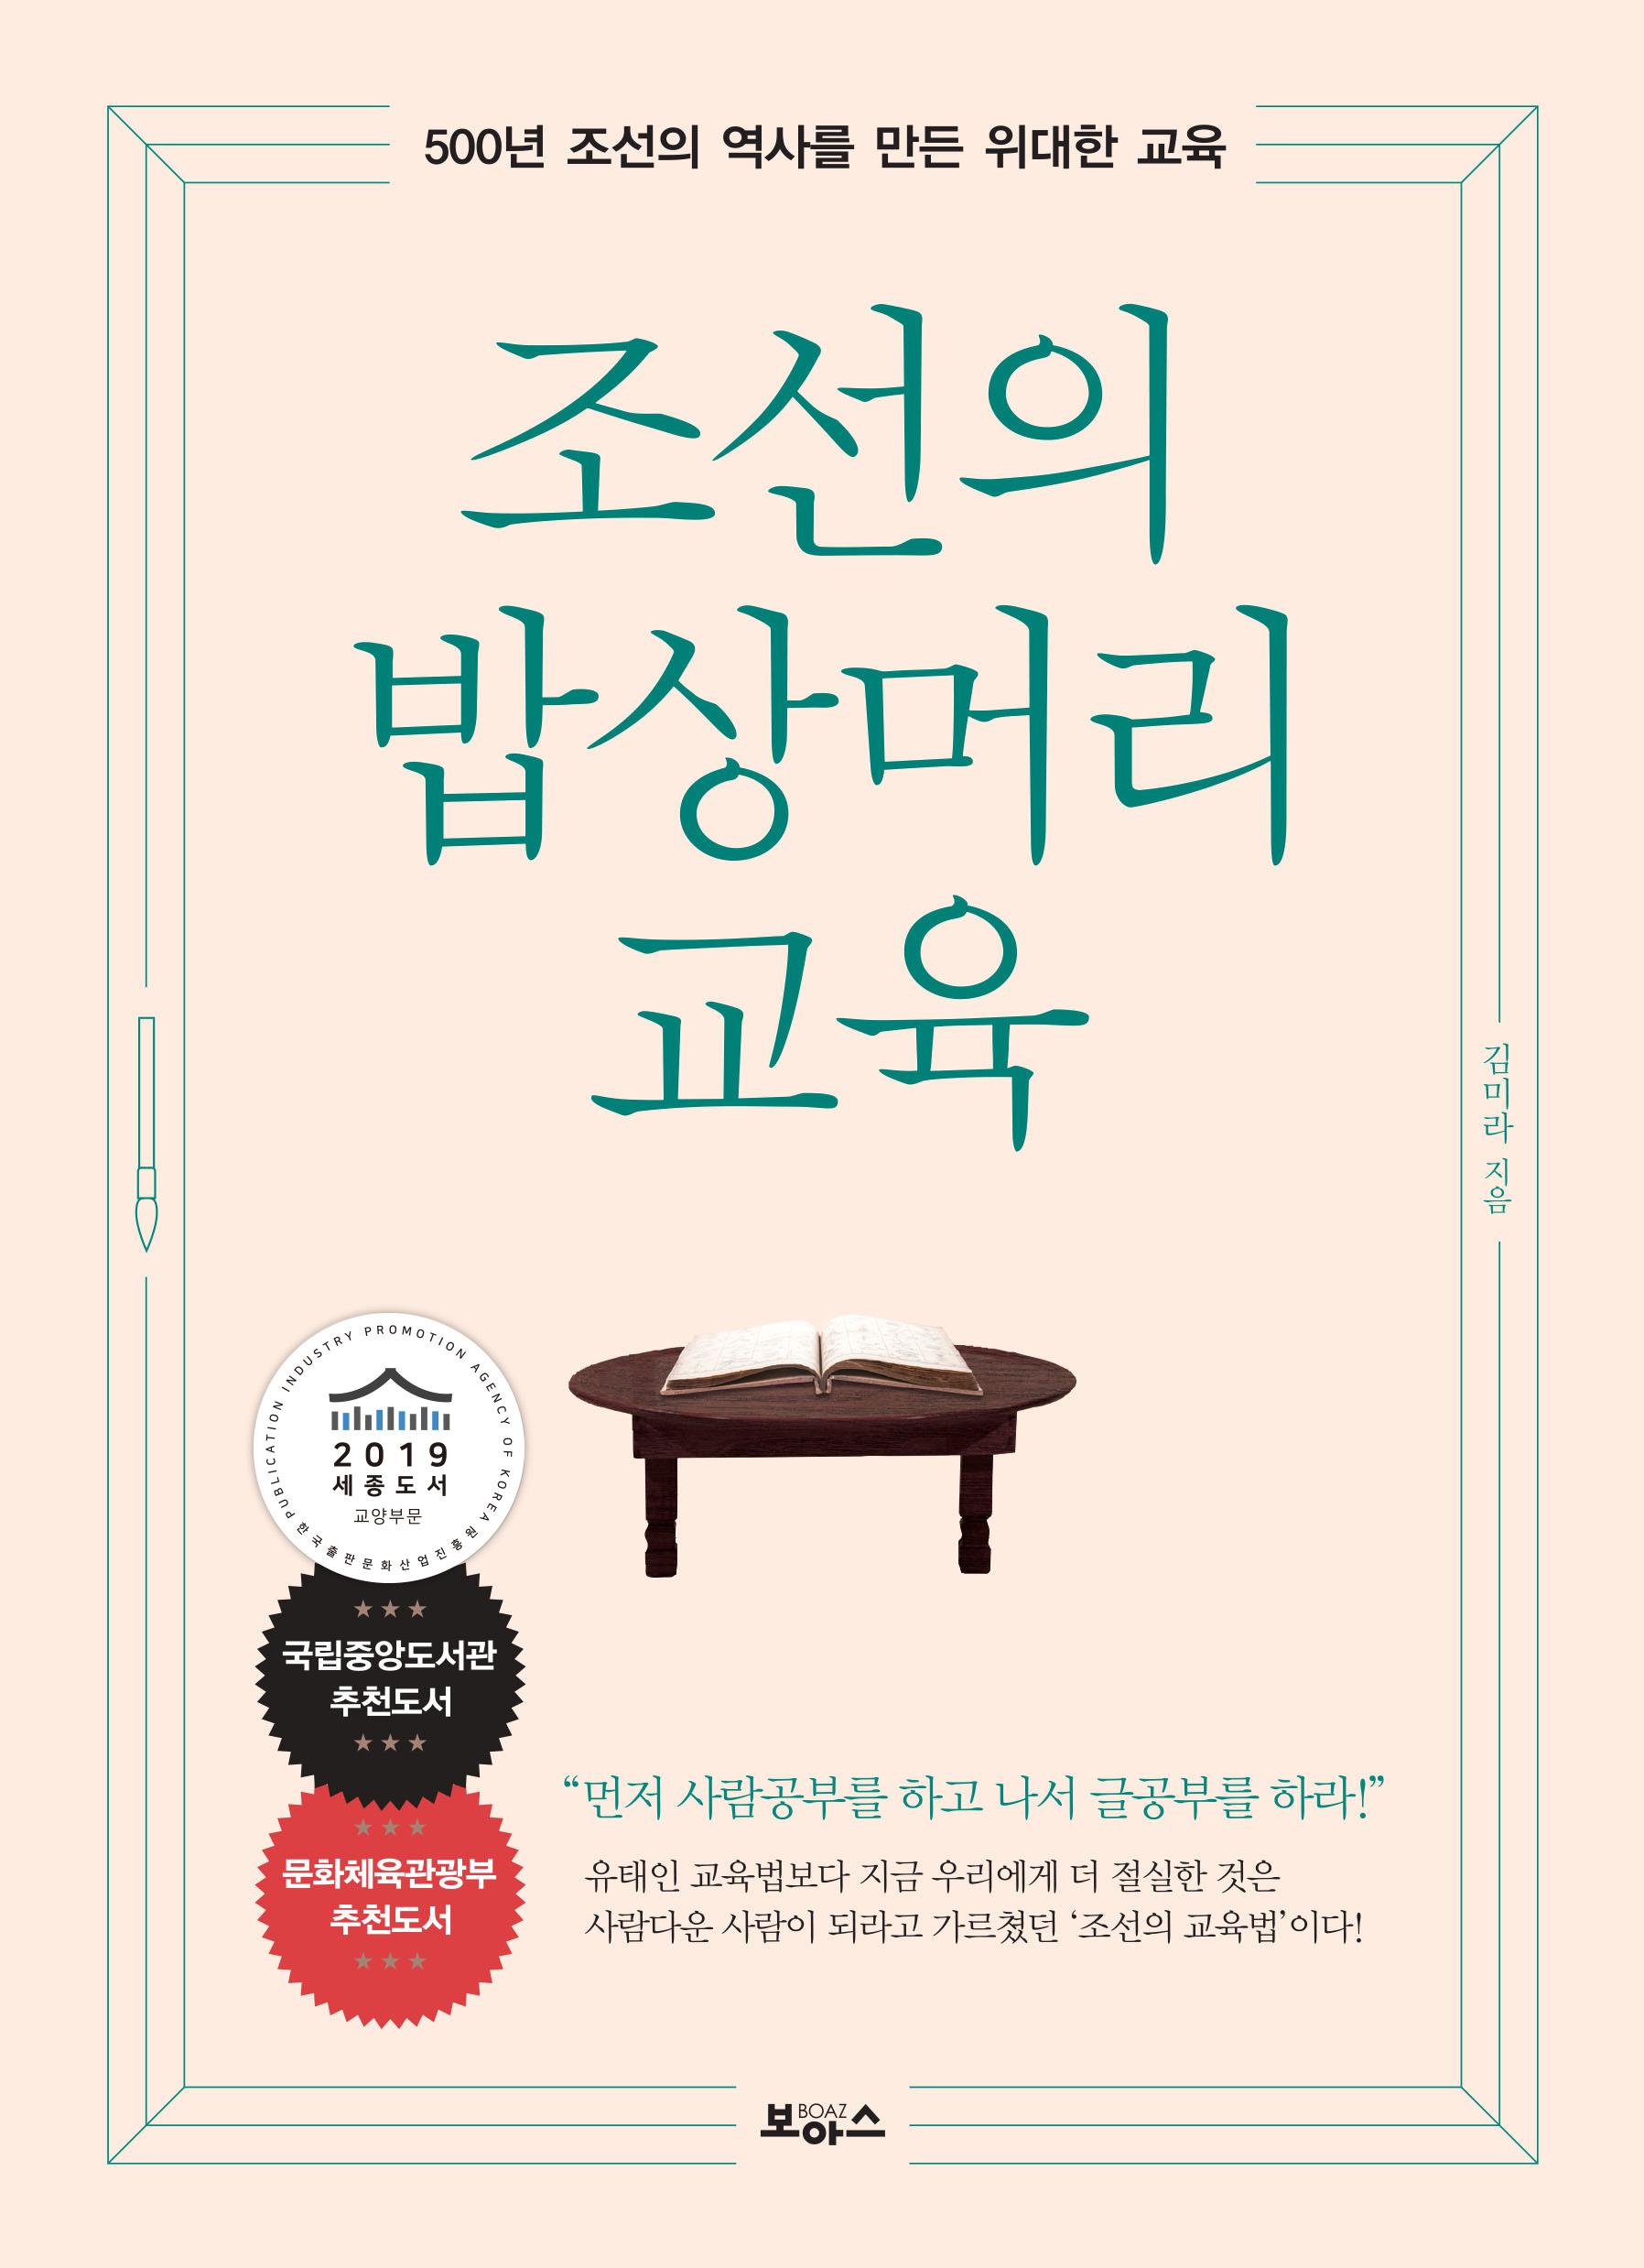 조선의 밥상머리 교육 500년 조선의 역사를 만든 위대한 교육